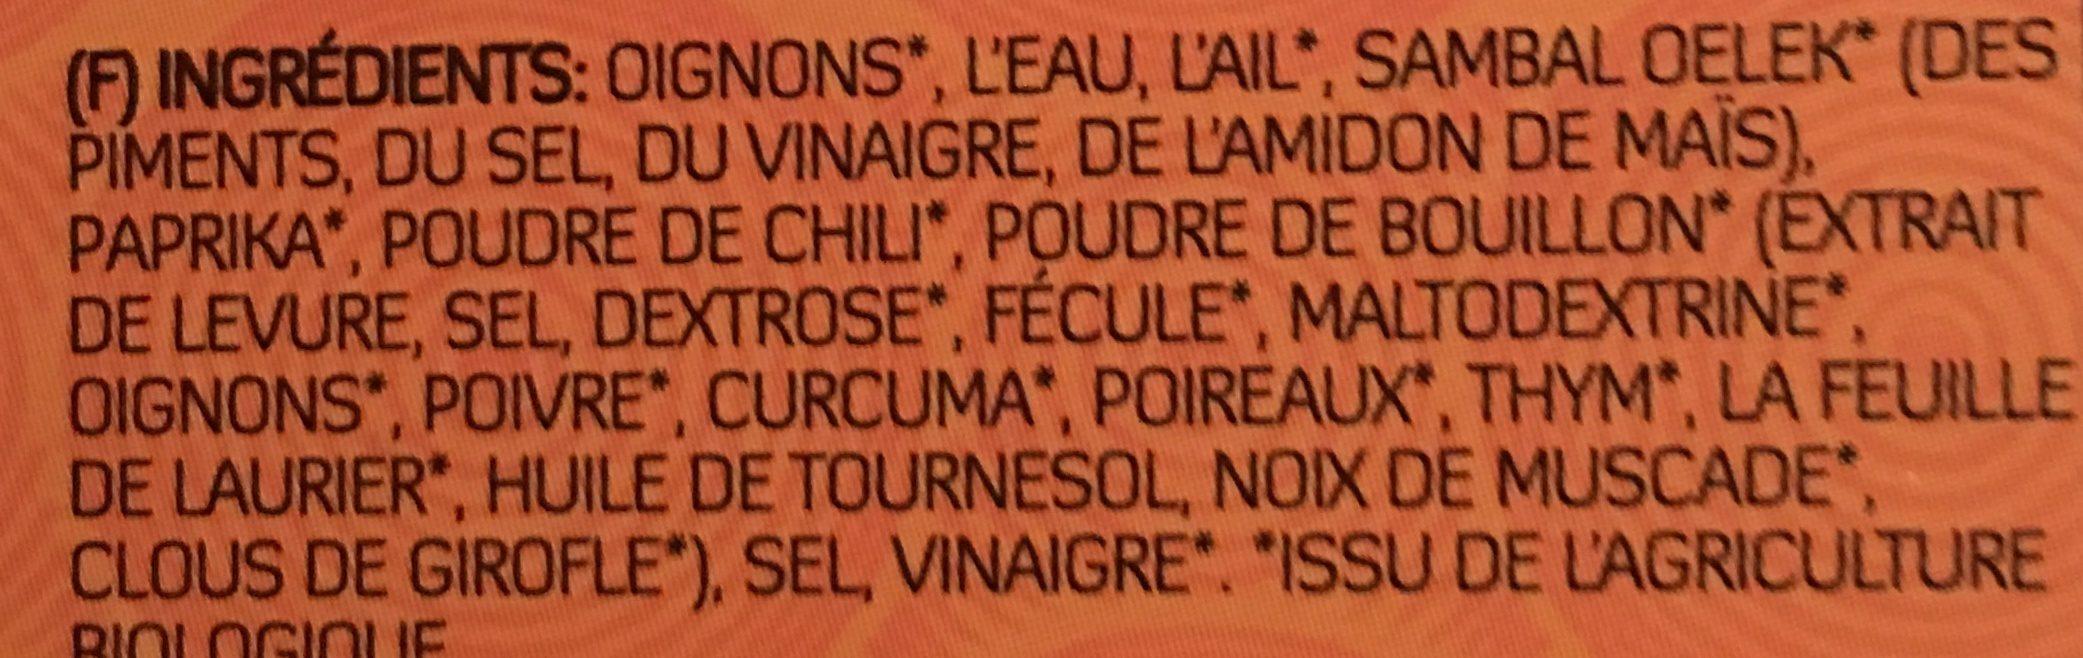 Yakso Bumbu Nasi Bami Goreng - Ingredients - fr